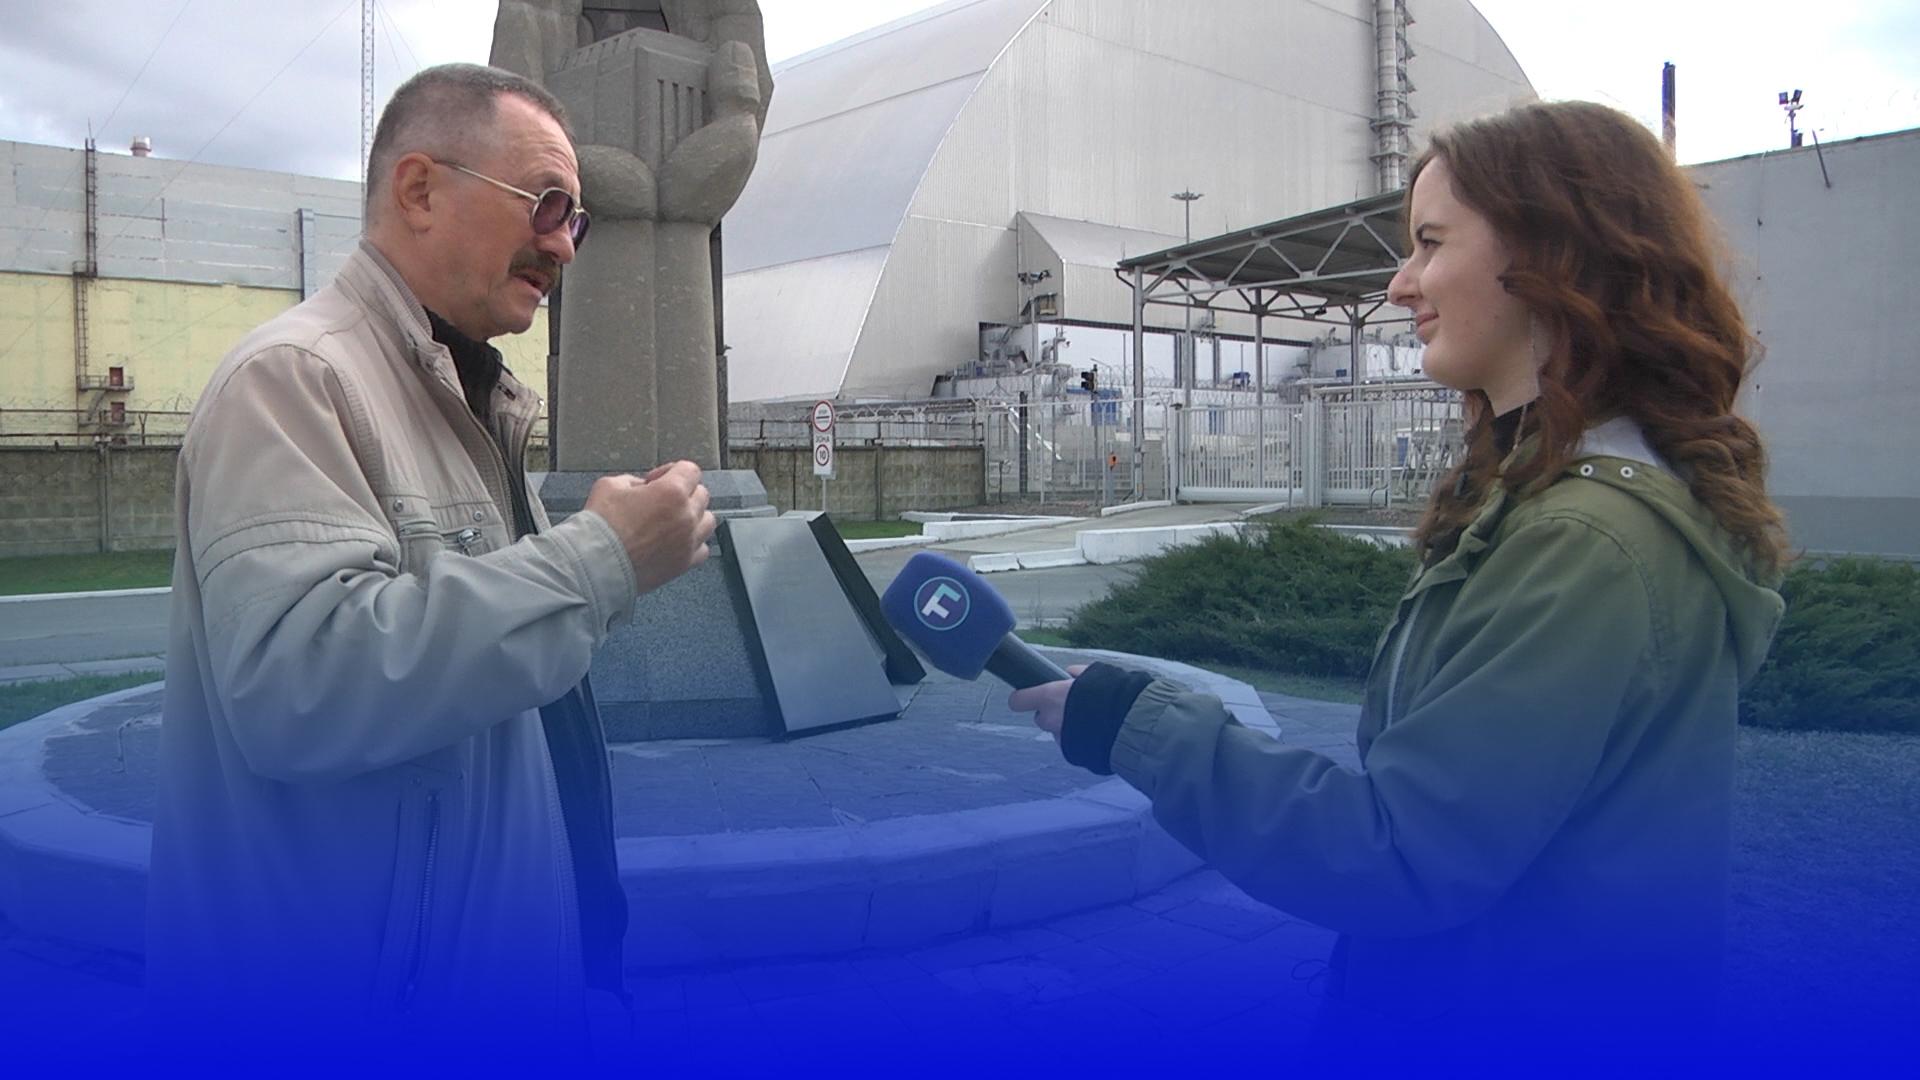 Здоров'я, зруйноване атомом: лікар-радіолог про наслідки вибуху у Чорнобилі